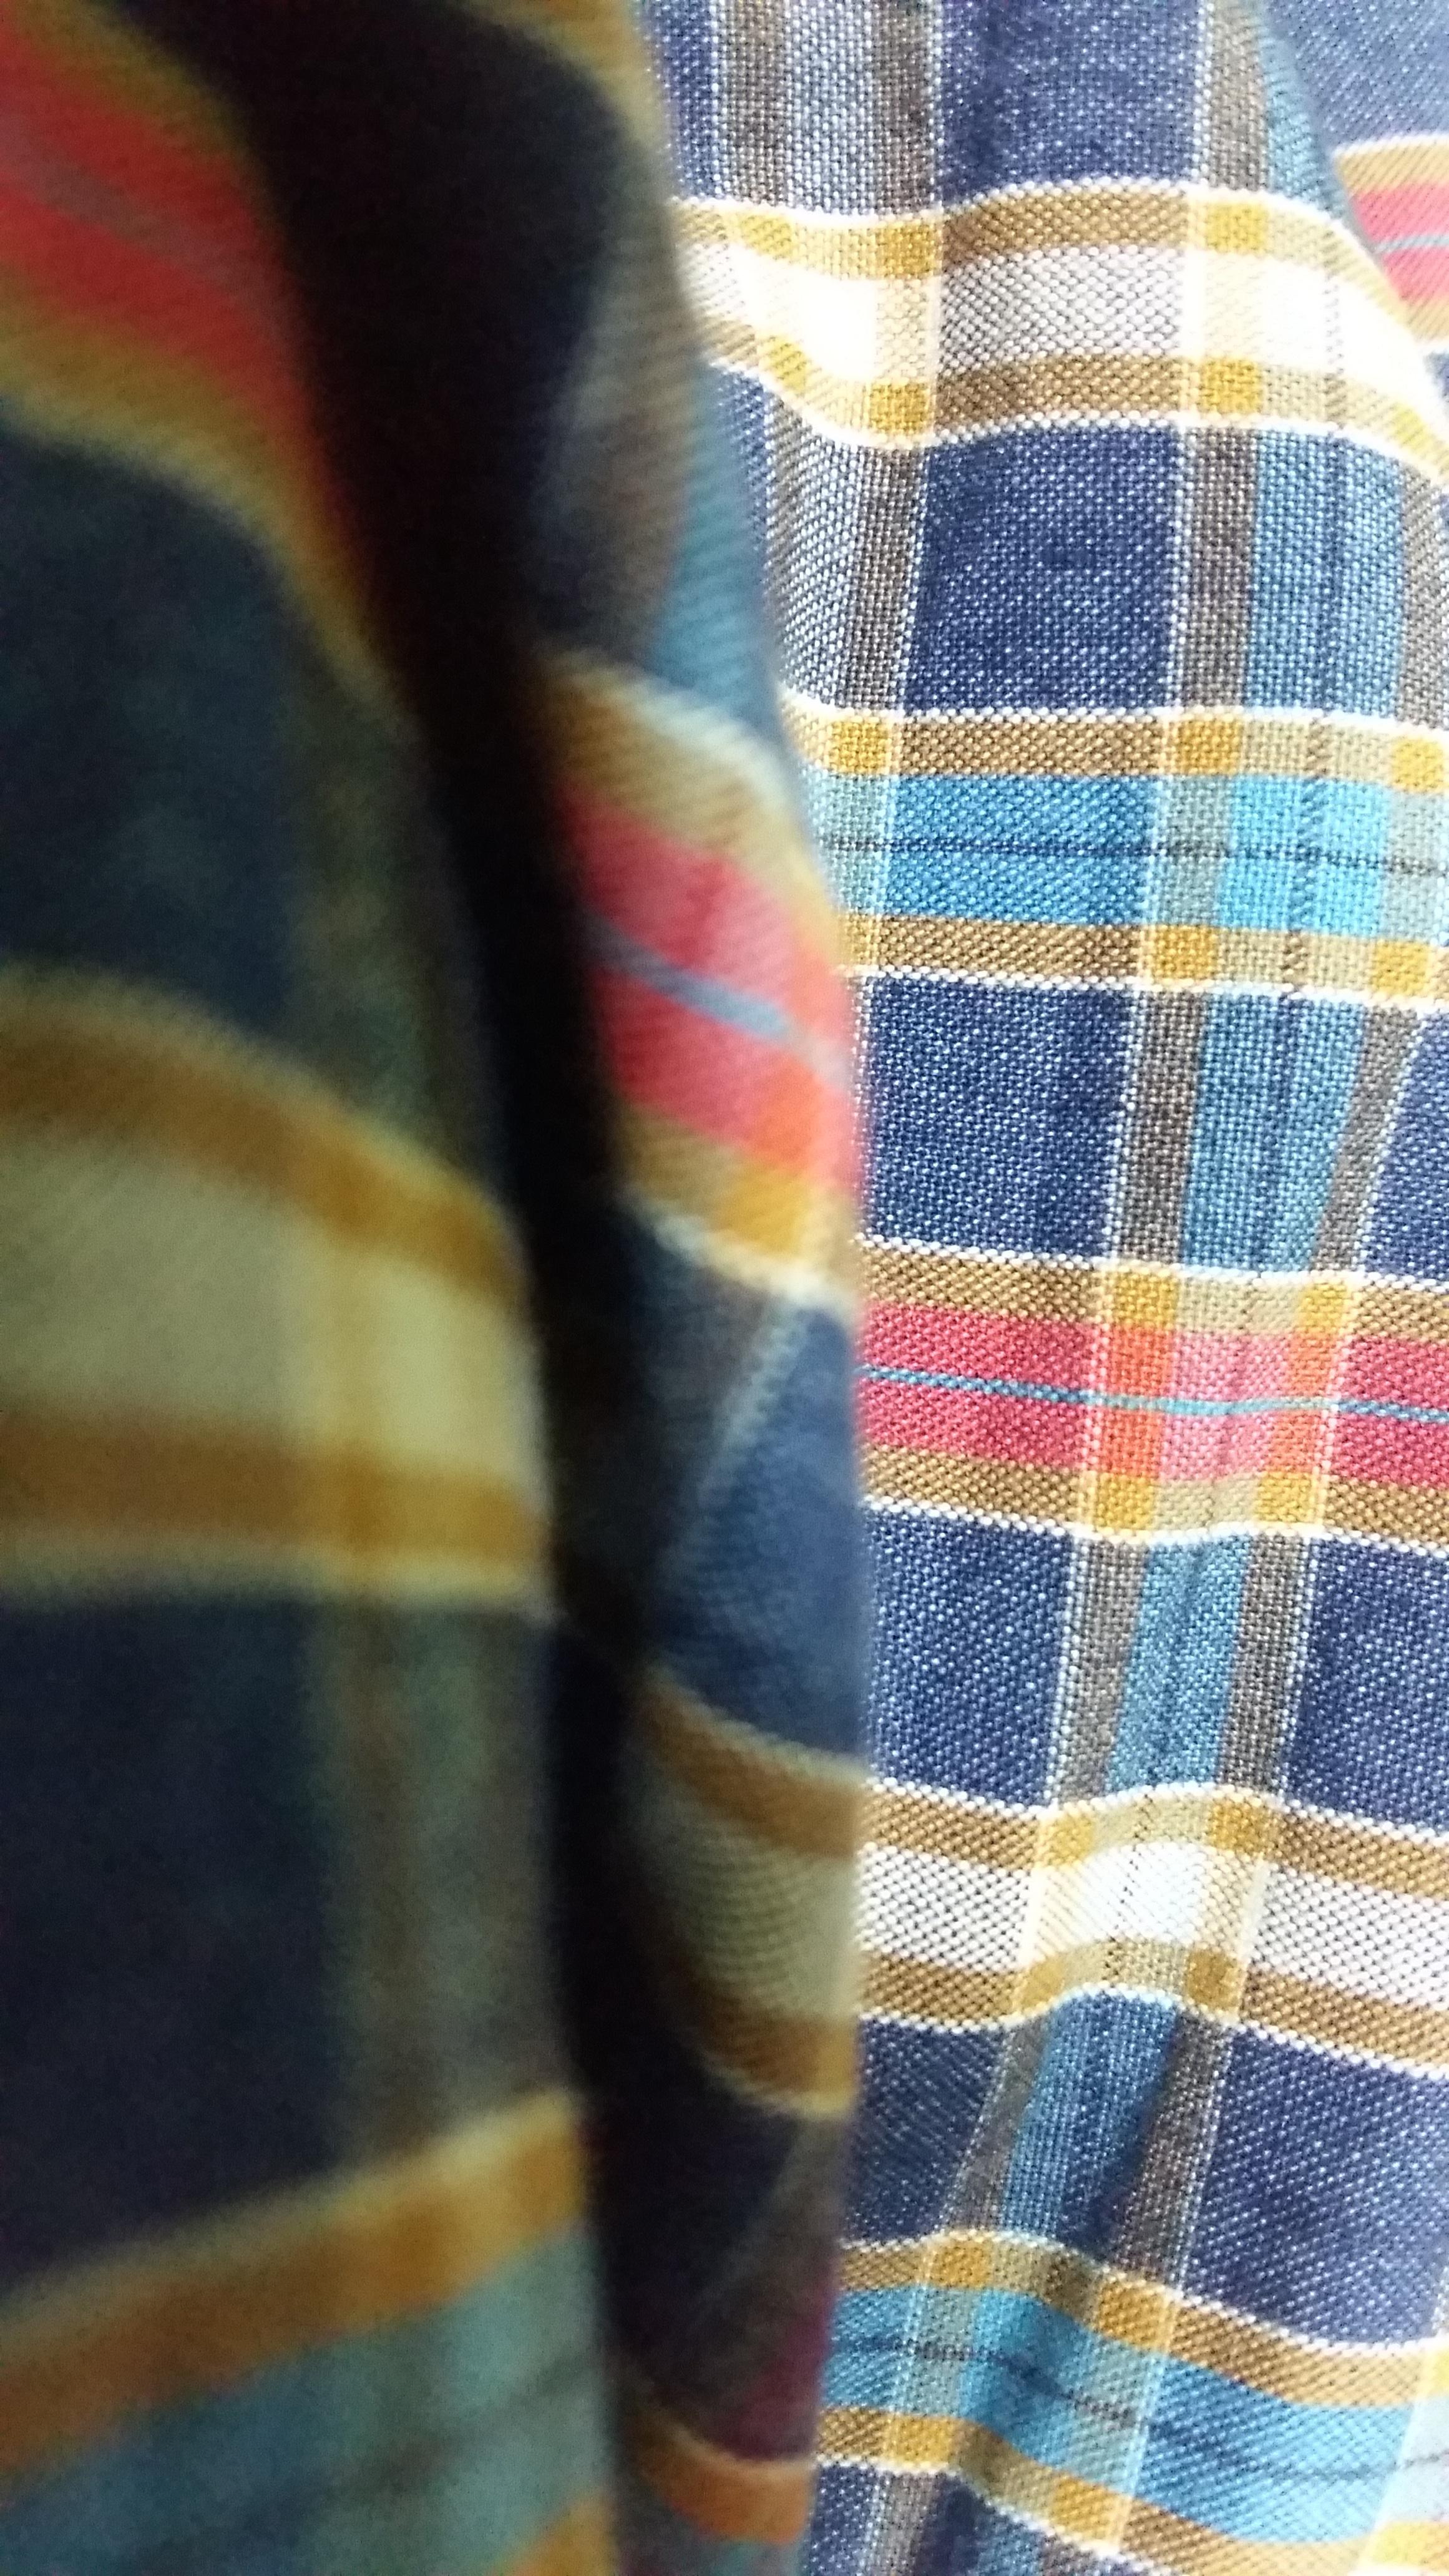 Hình ảnh Mẫu Màu Xanh Da Trời Quần áo Màu Vàng Sọc Ca